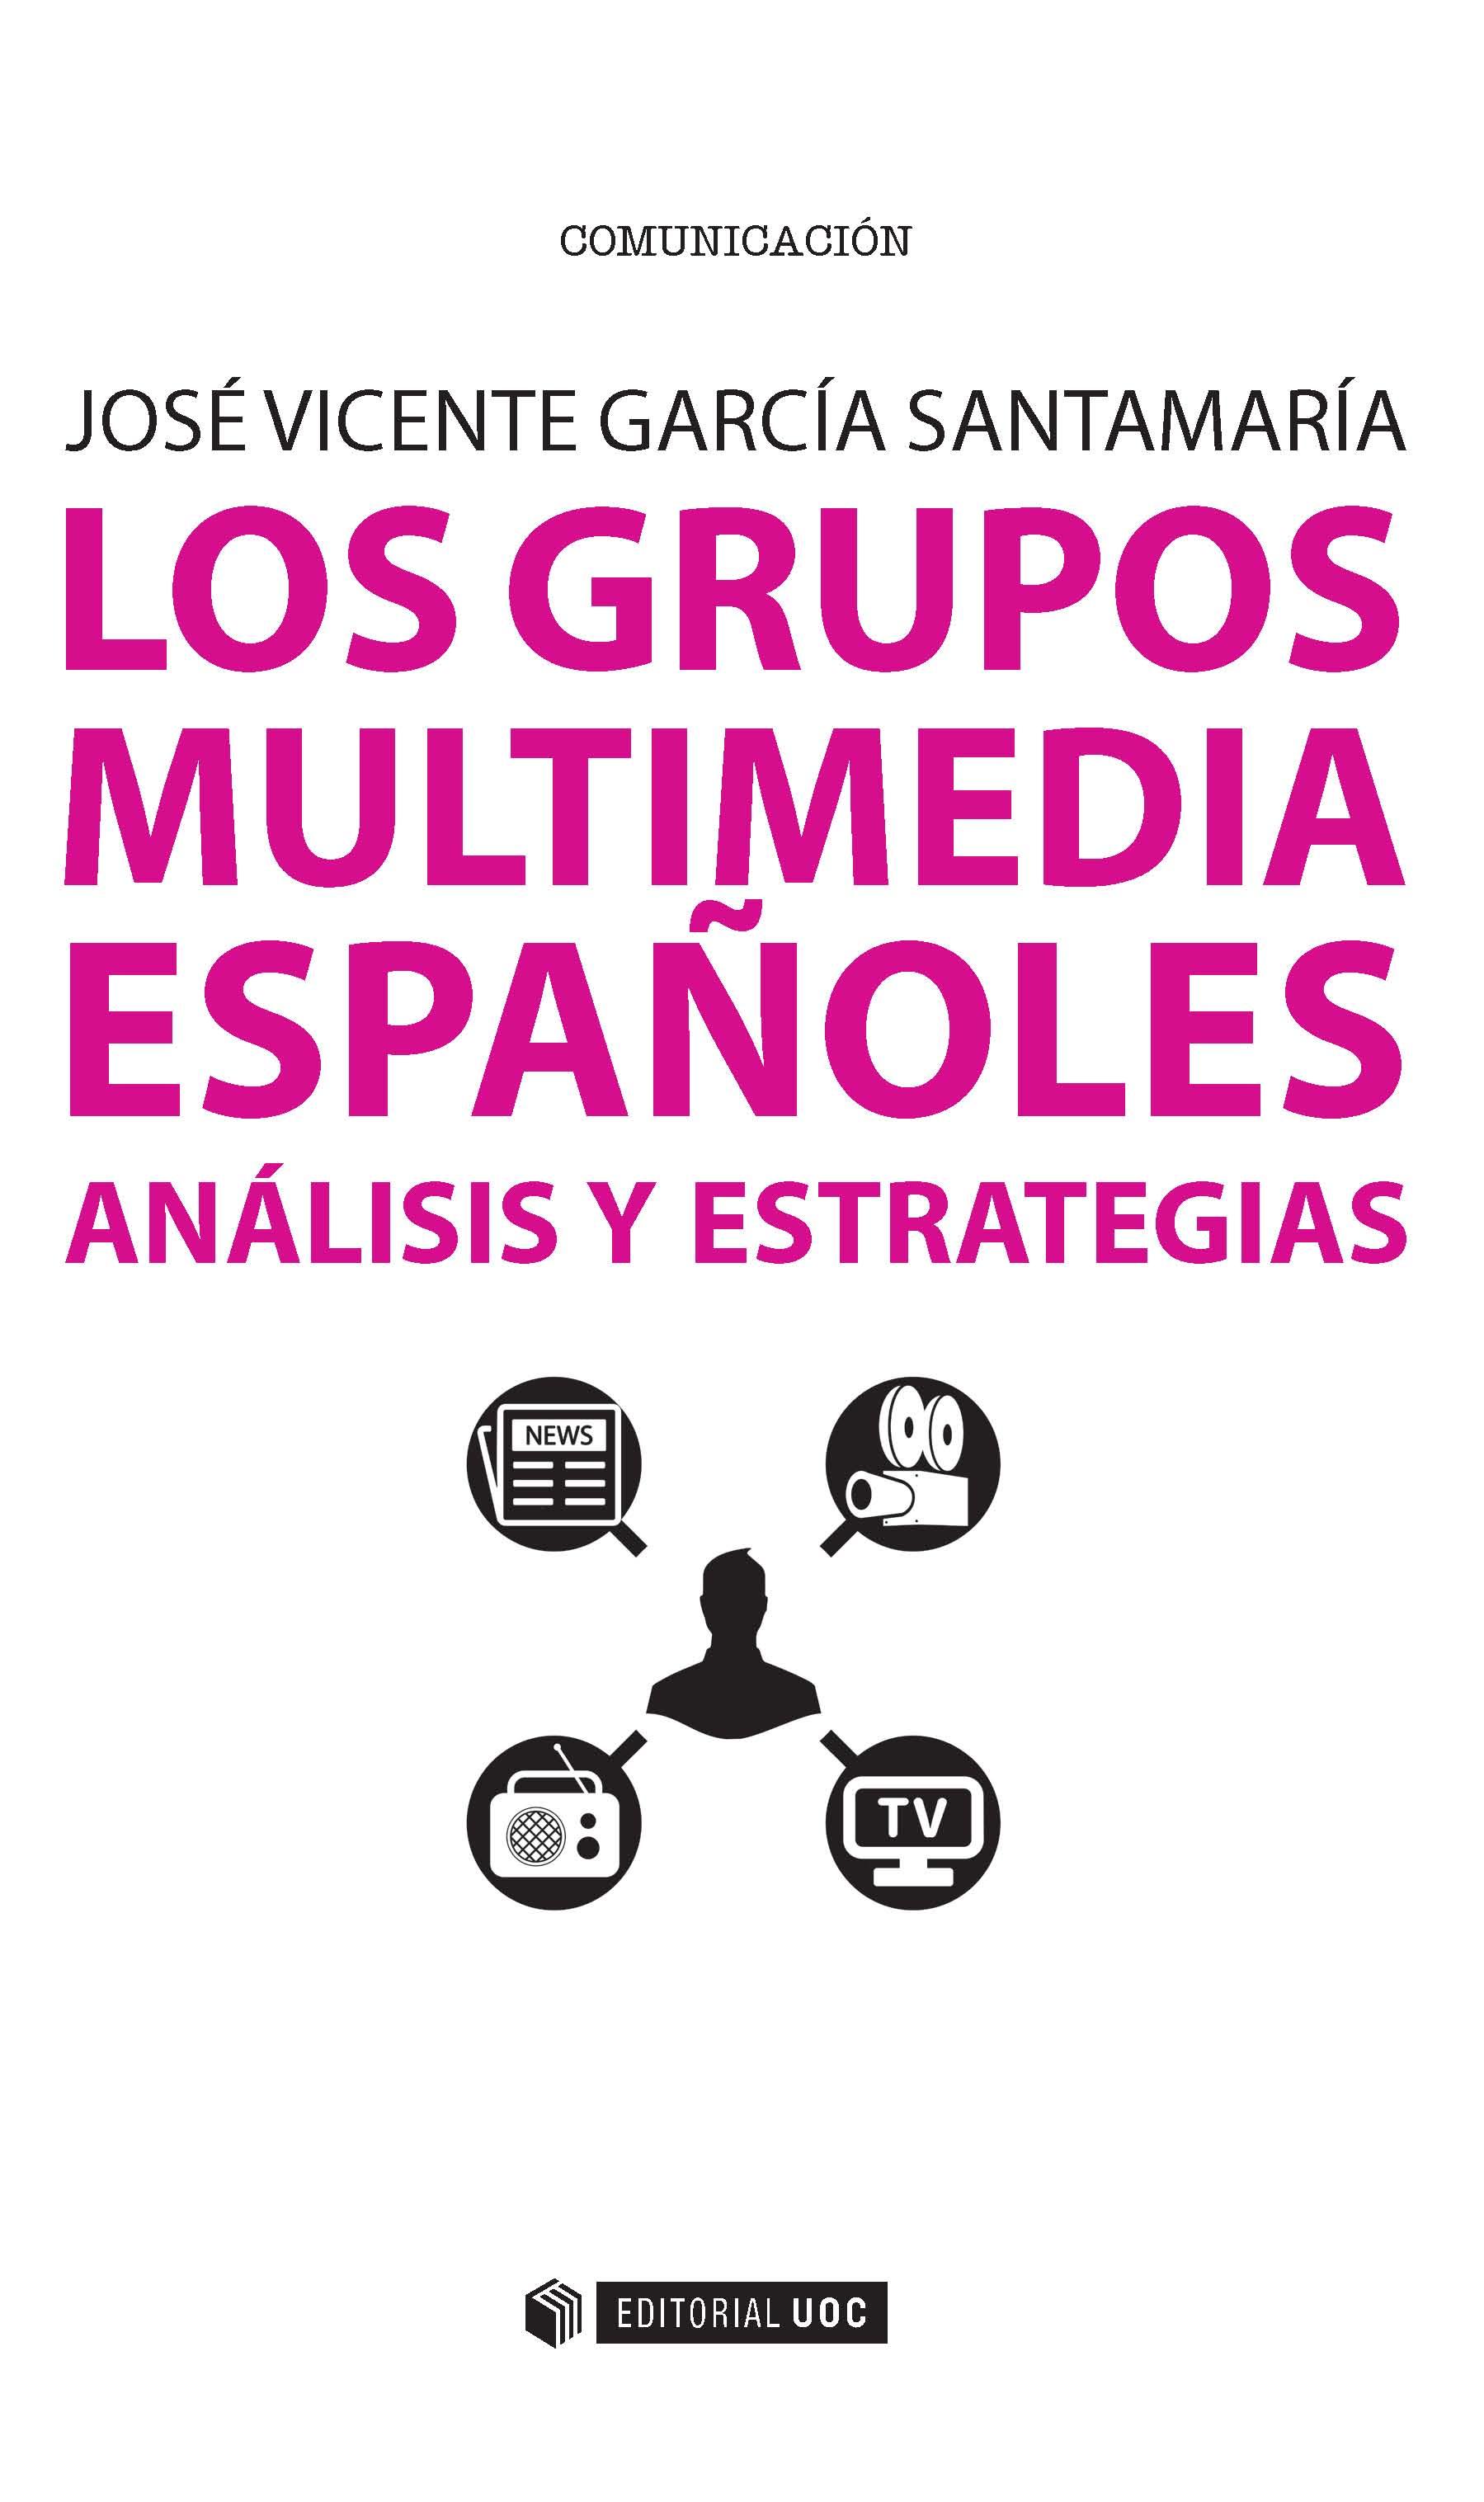 Los grupos multimedia españoles. Análisis y estrategias